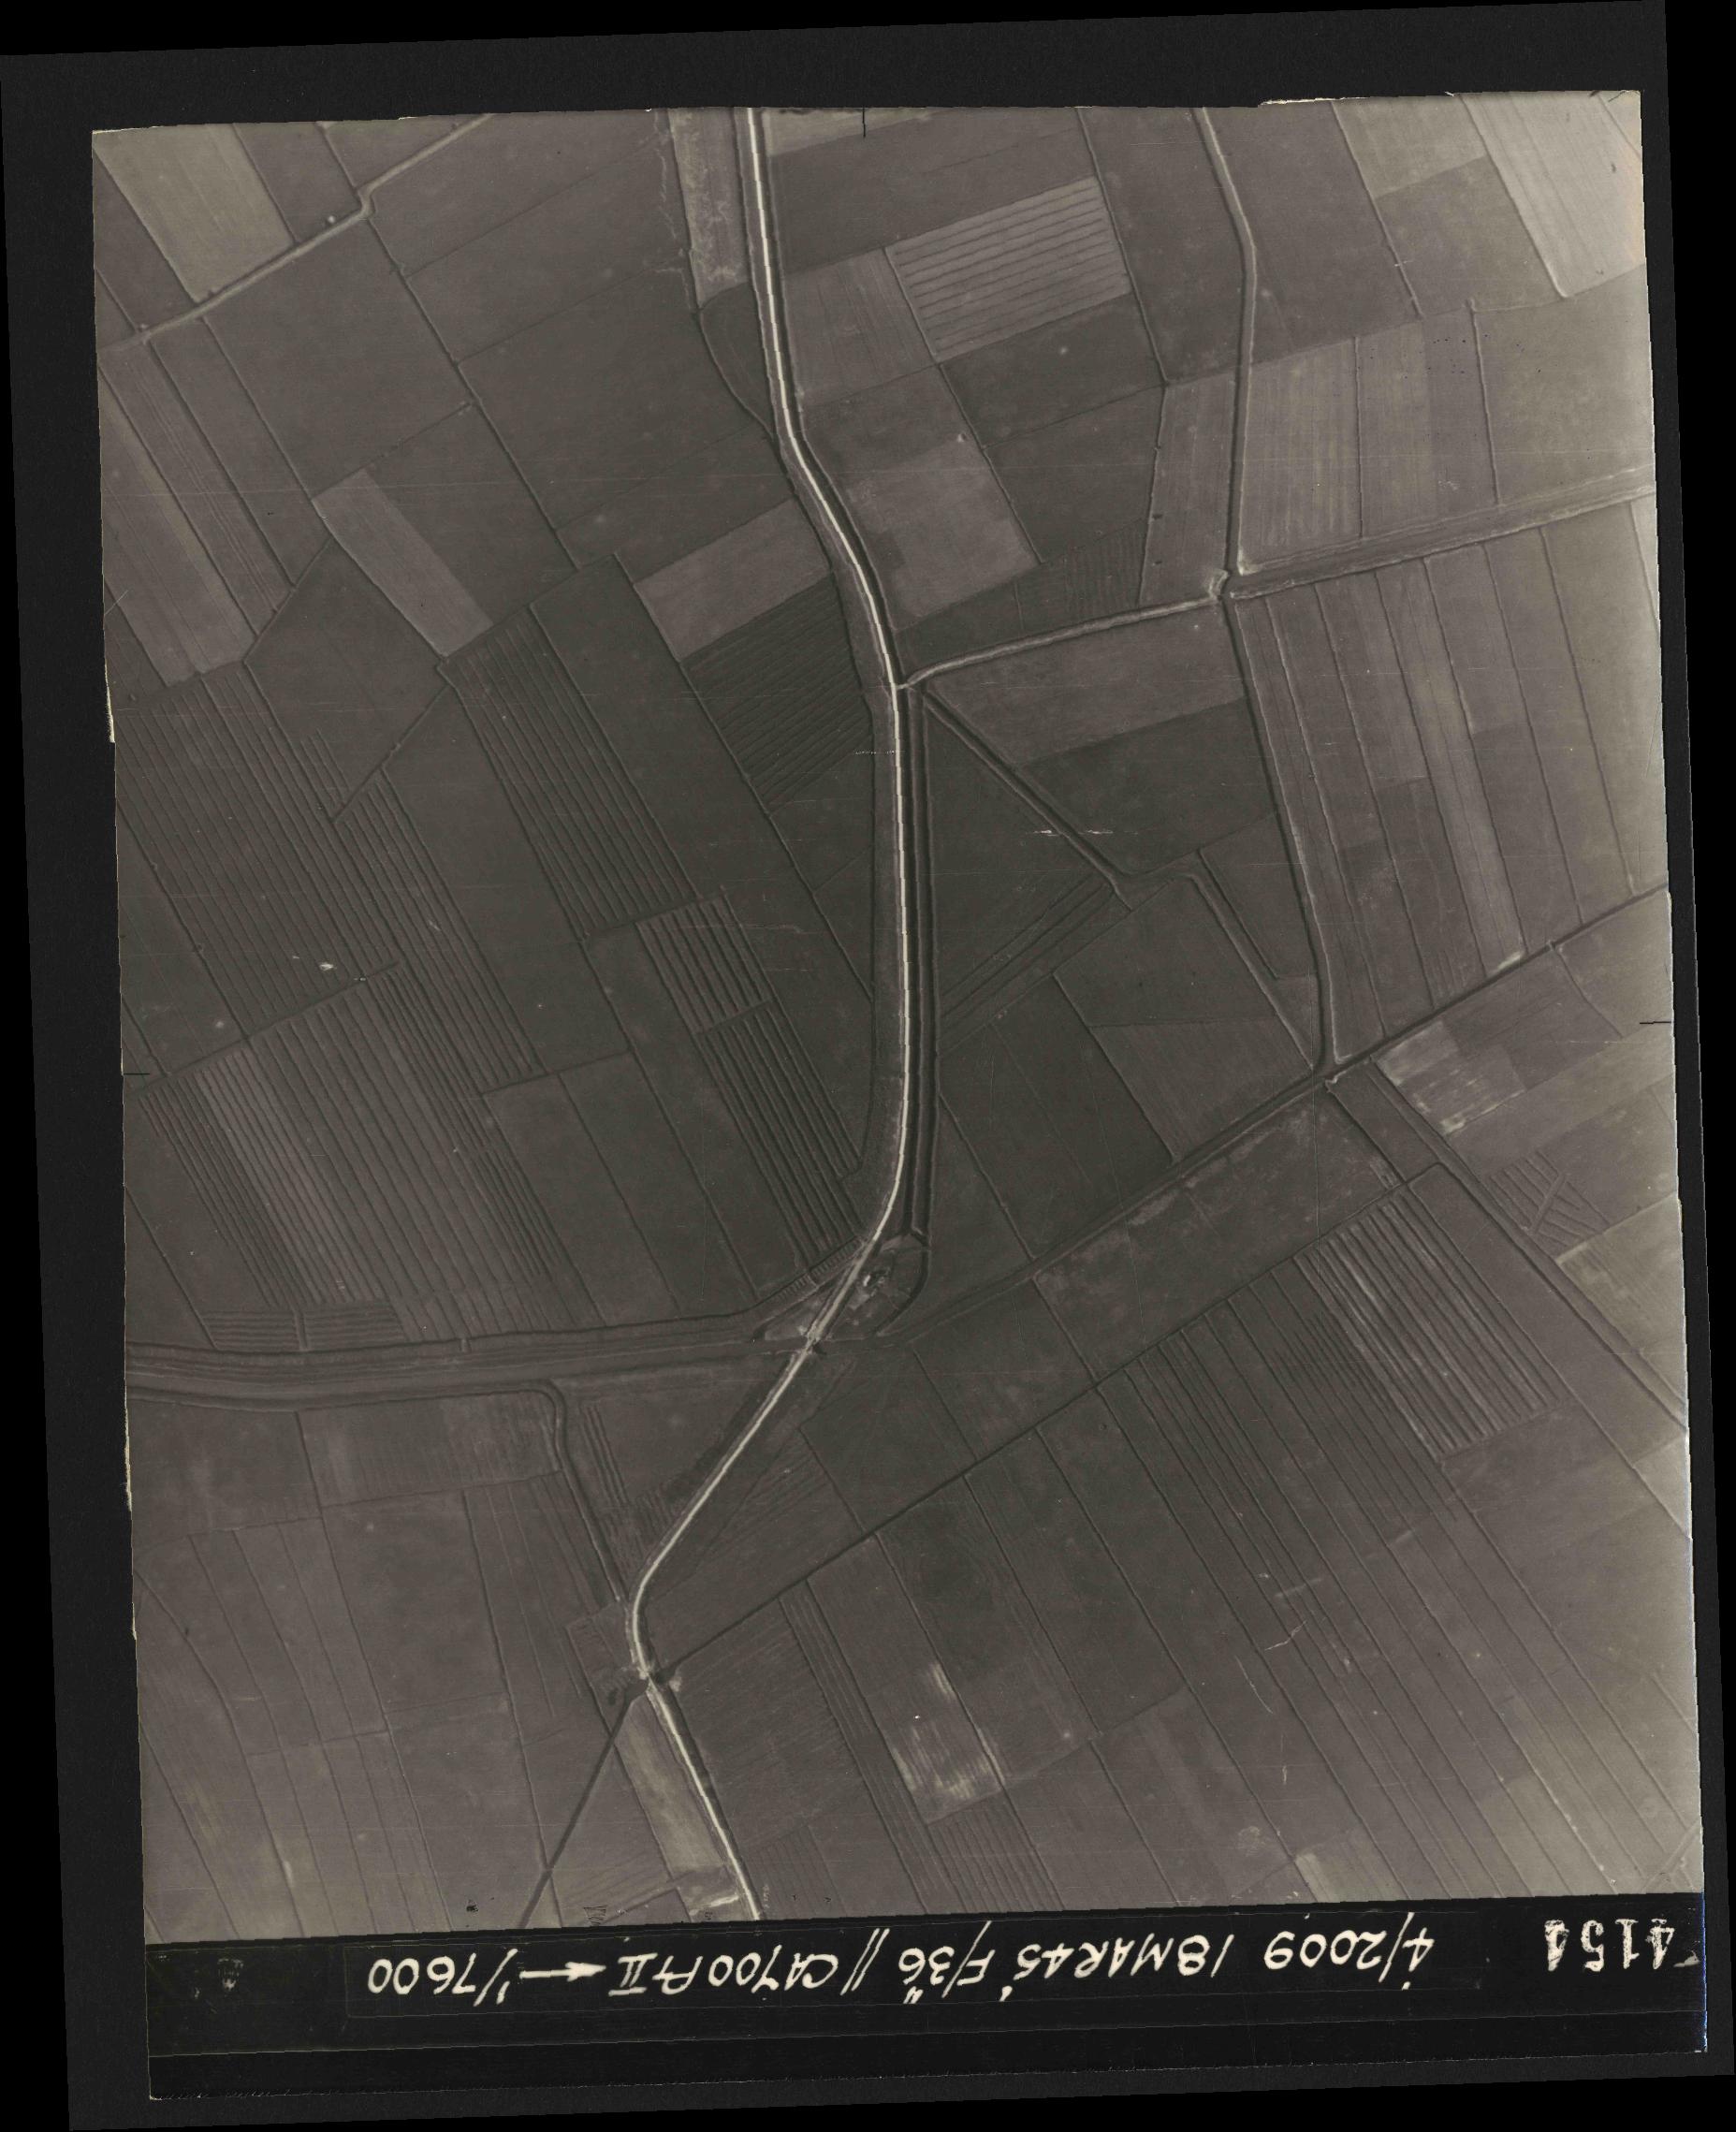 Collection RAF aerial photos 1940-1945 - flight 017, run 09, photo 4154